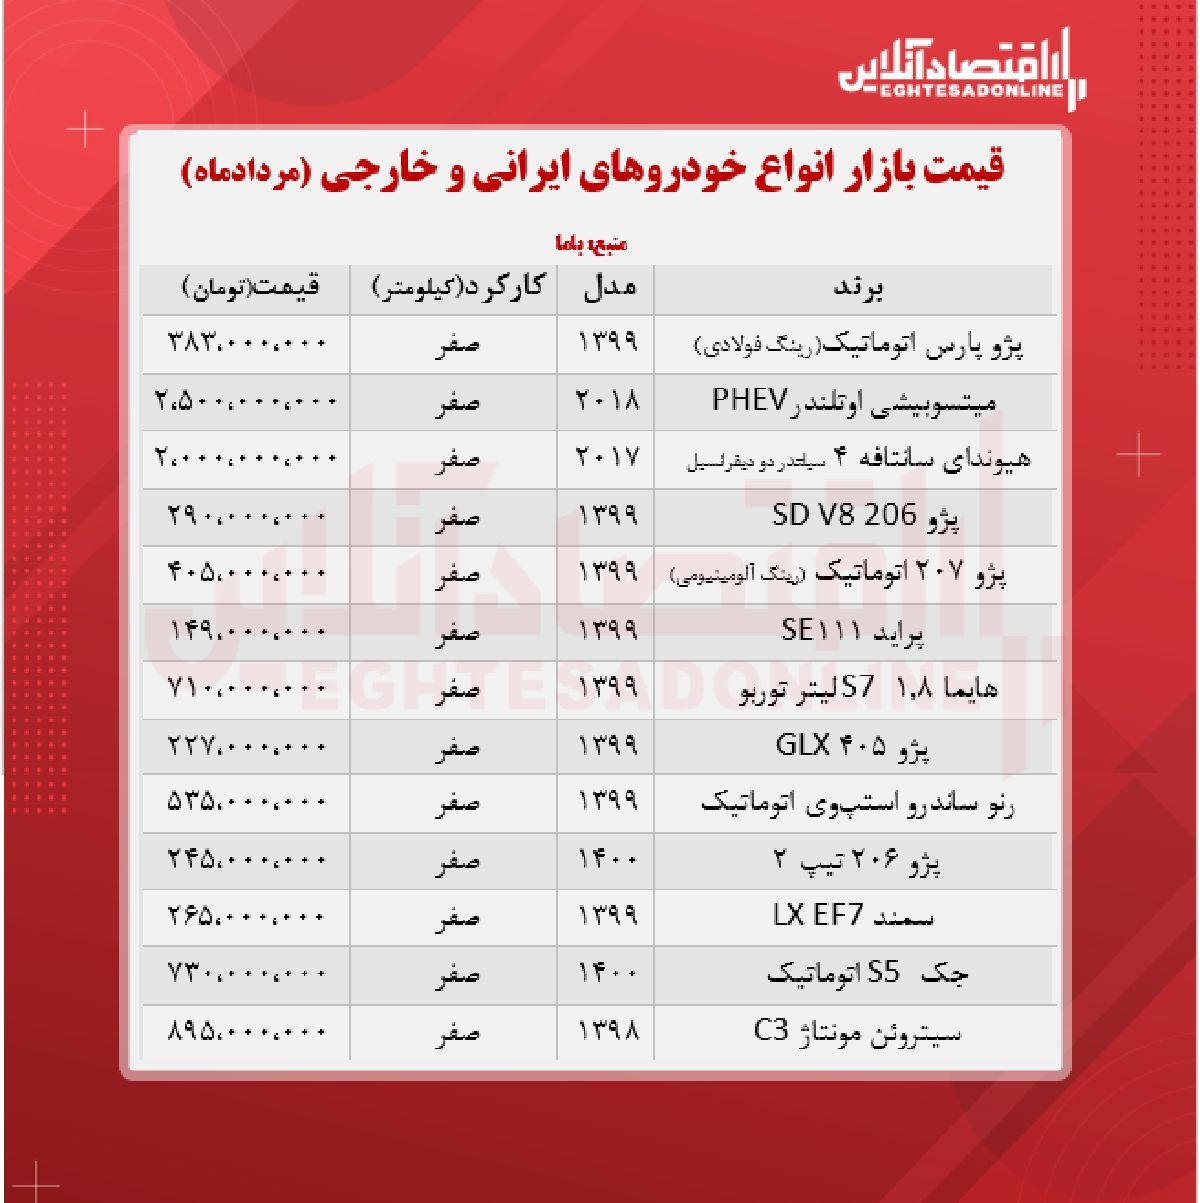 قیمت خودرو امروز ۱۴۰۰/۵/۲۶